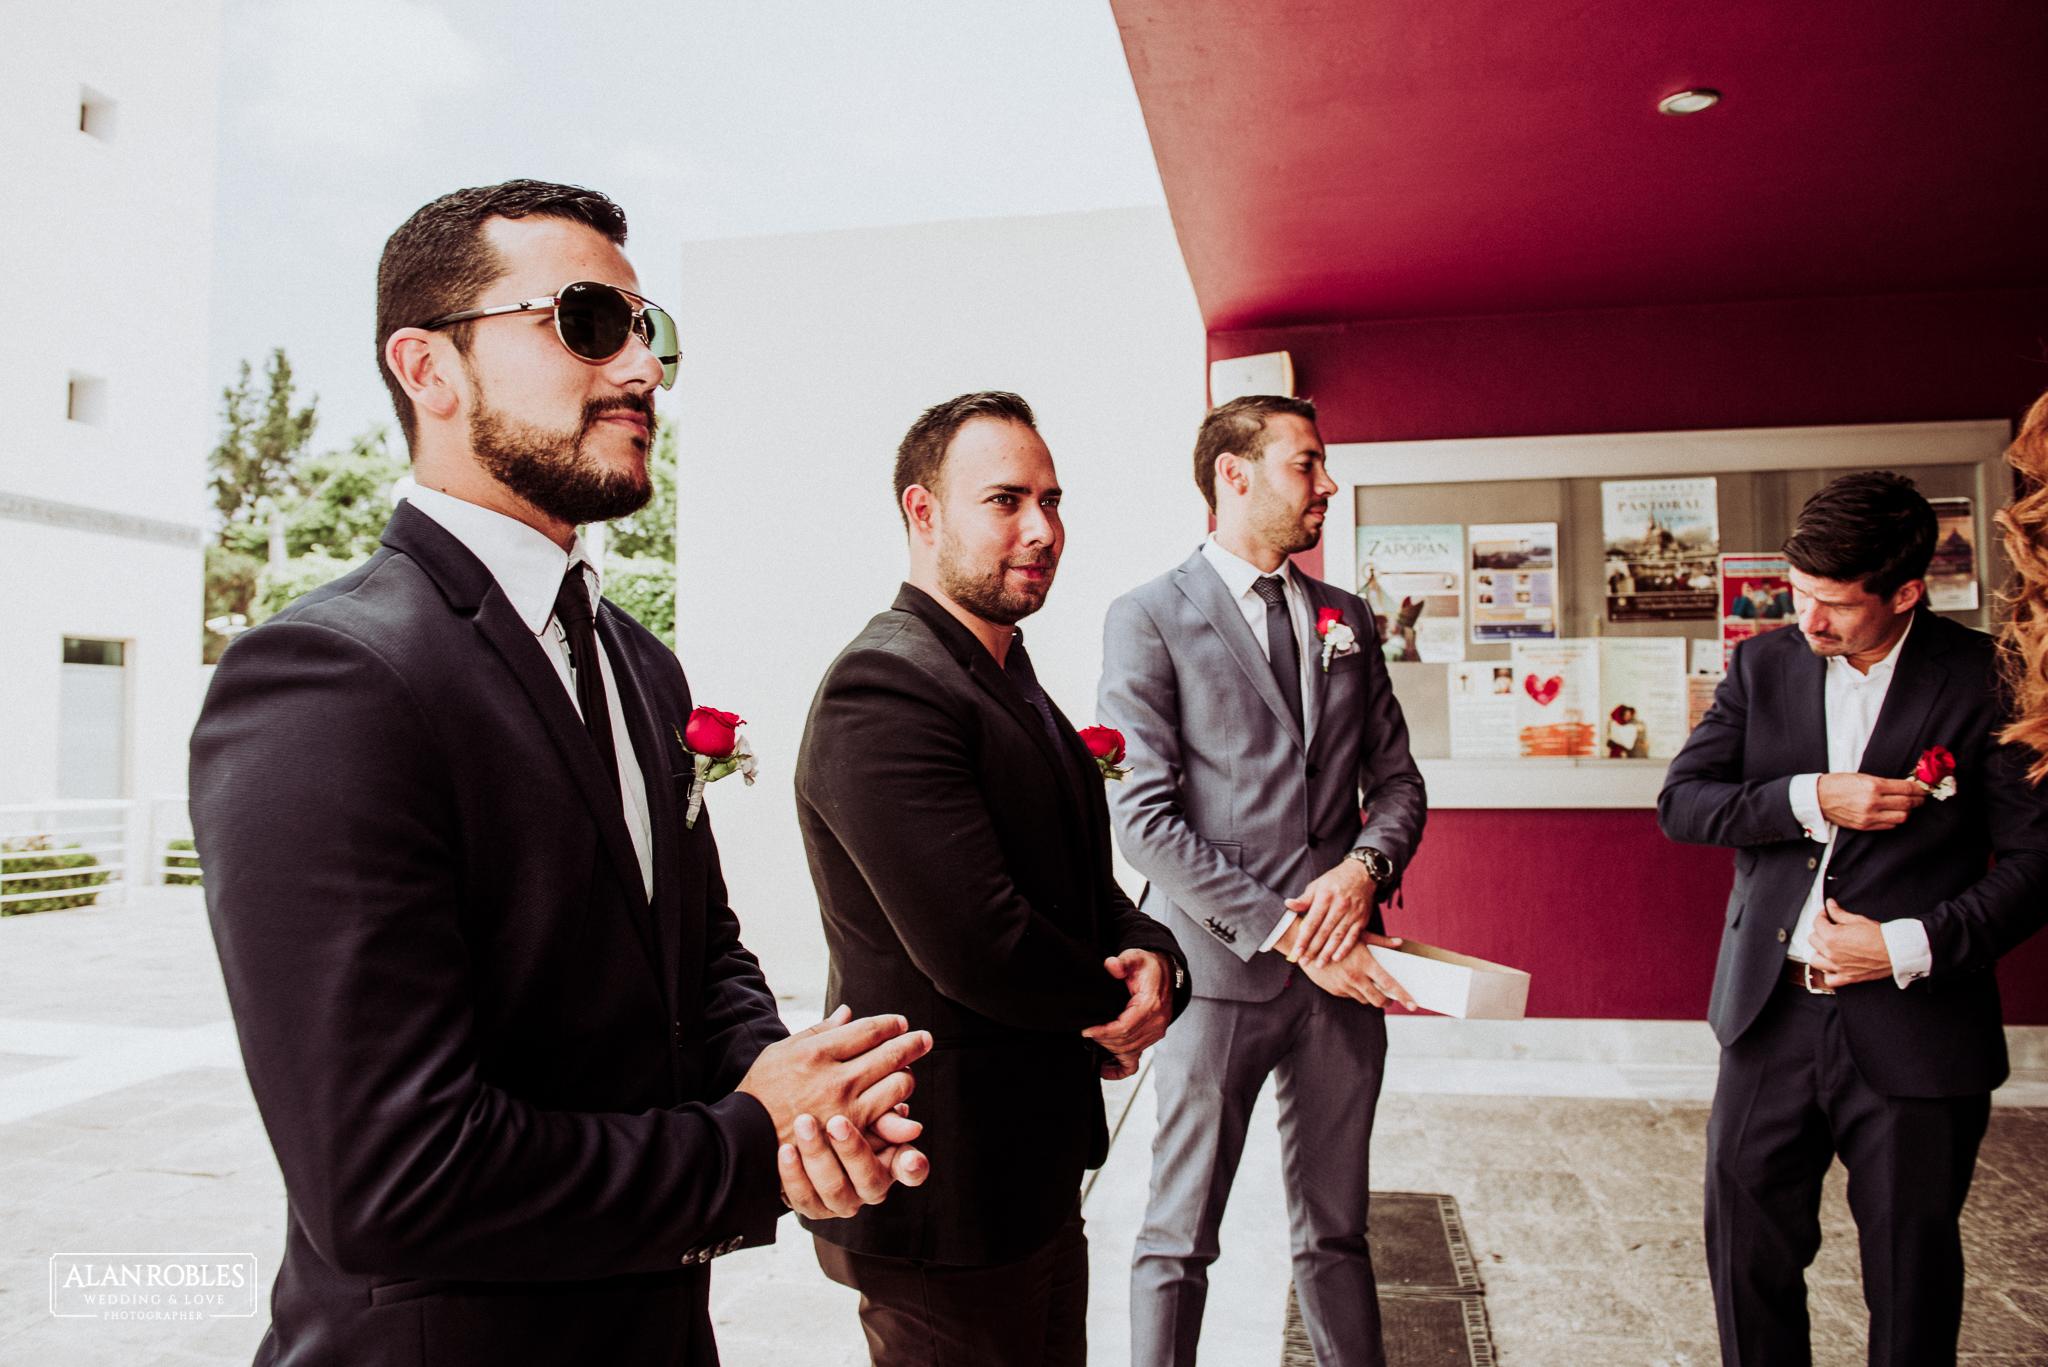 Best men con azar de rosa roja. Fotografo de bodas Alan Robles.